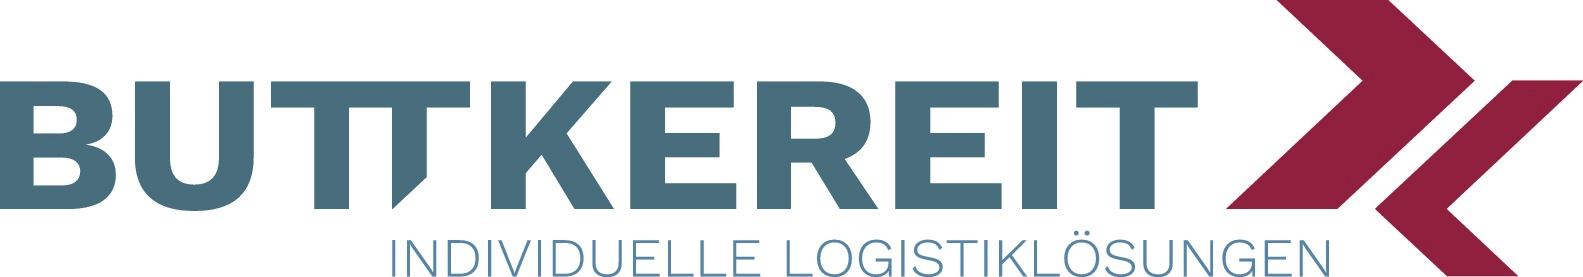 BUTTKEREIT Logistik präsentiert sich auf der MedLogistika